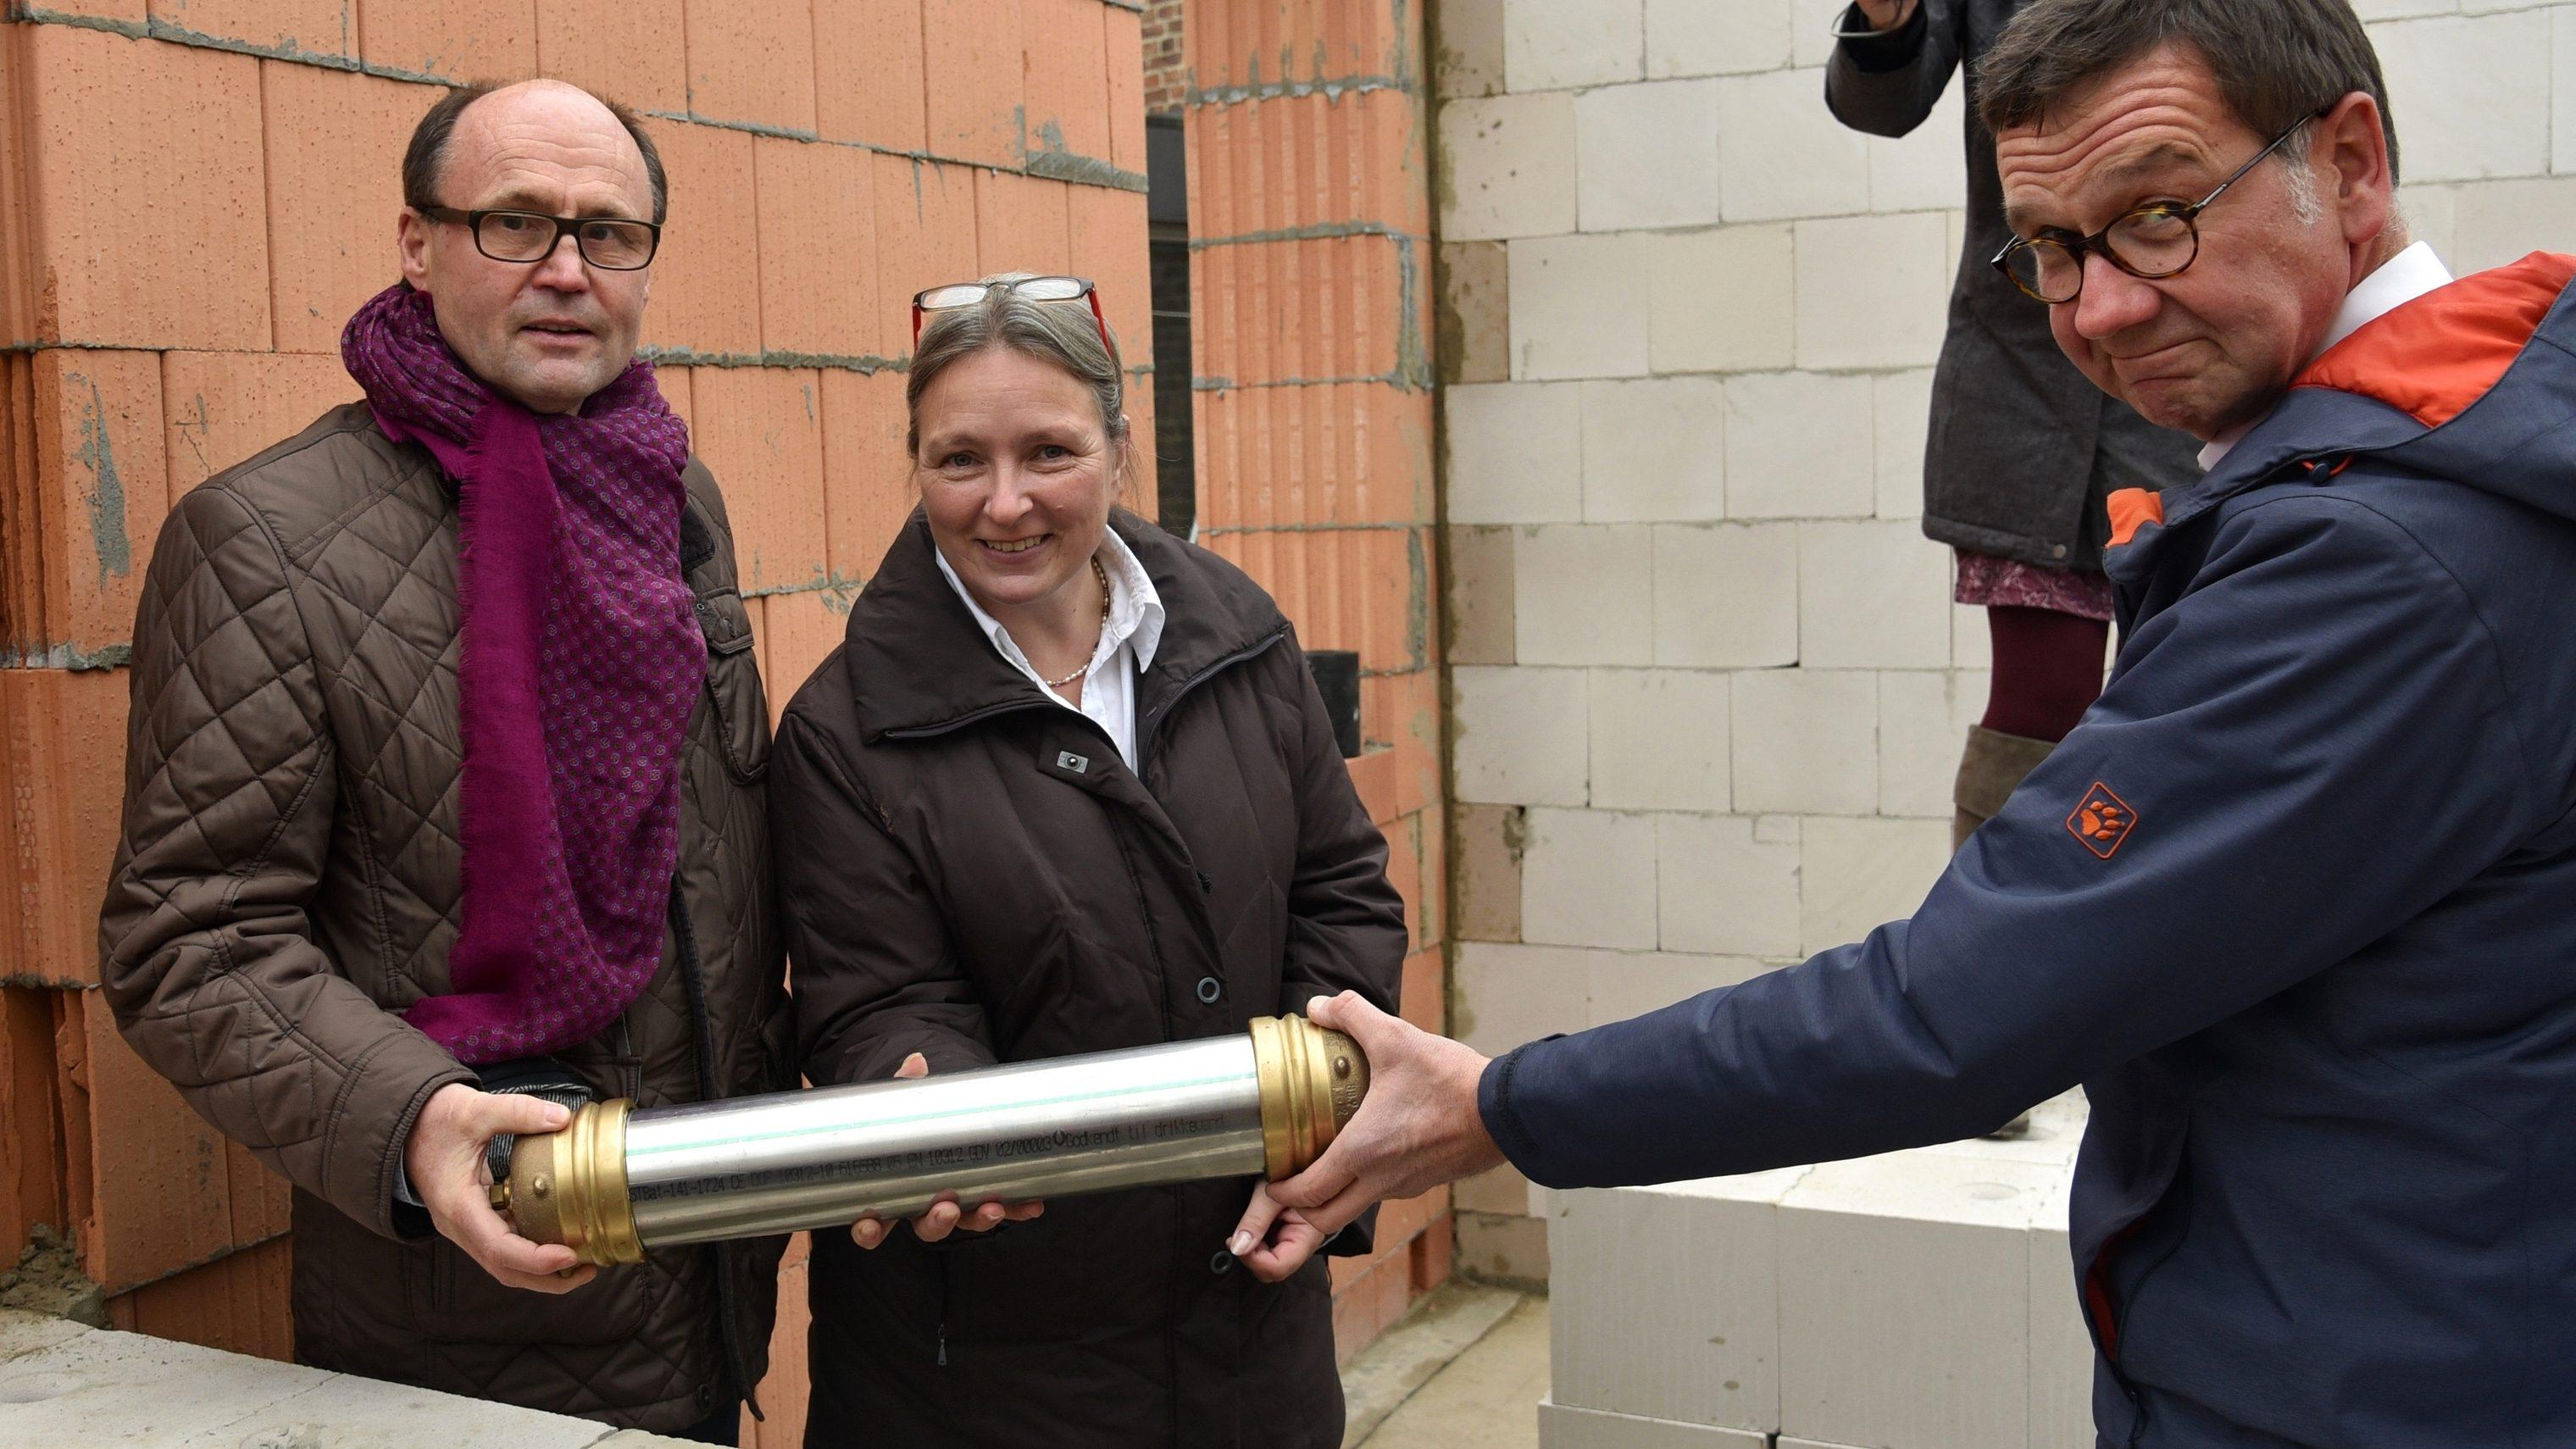 Evangelische Kirchengemeinde Kerpen: Grundsteinlegung für ein Wohnhaus mit Gemeindebüro neben der Johanneskirche